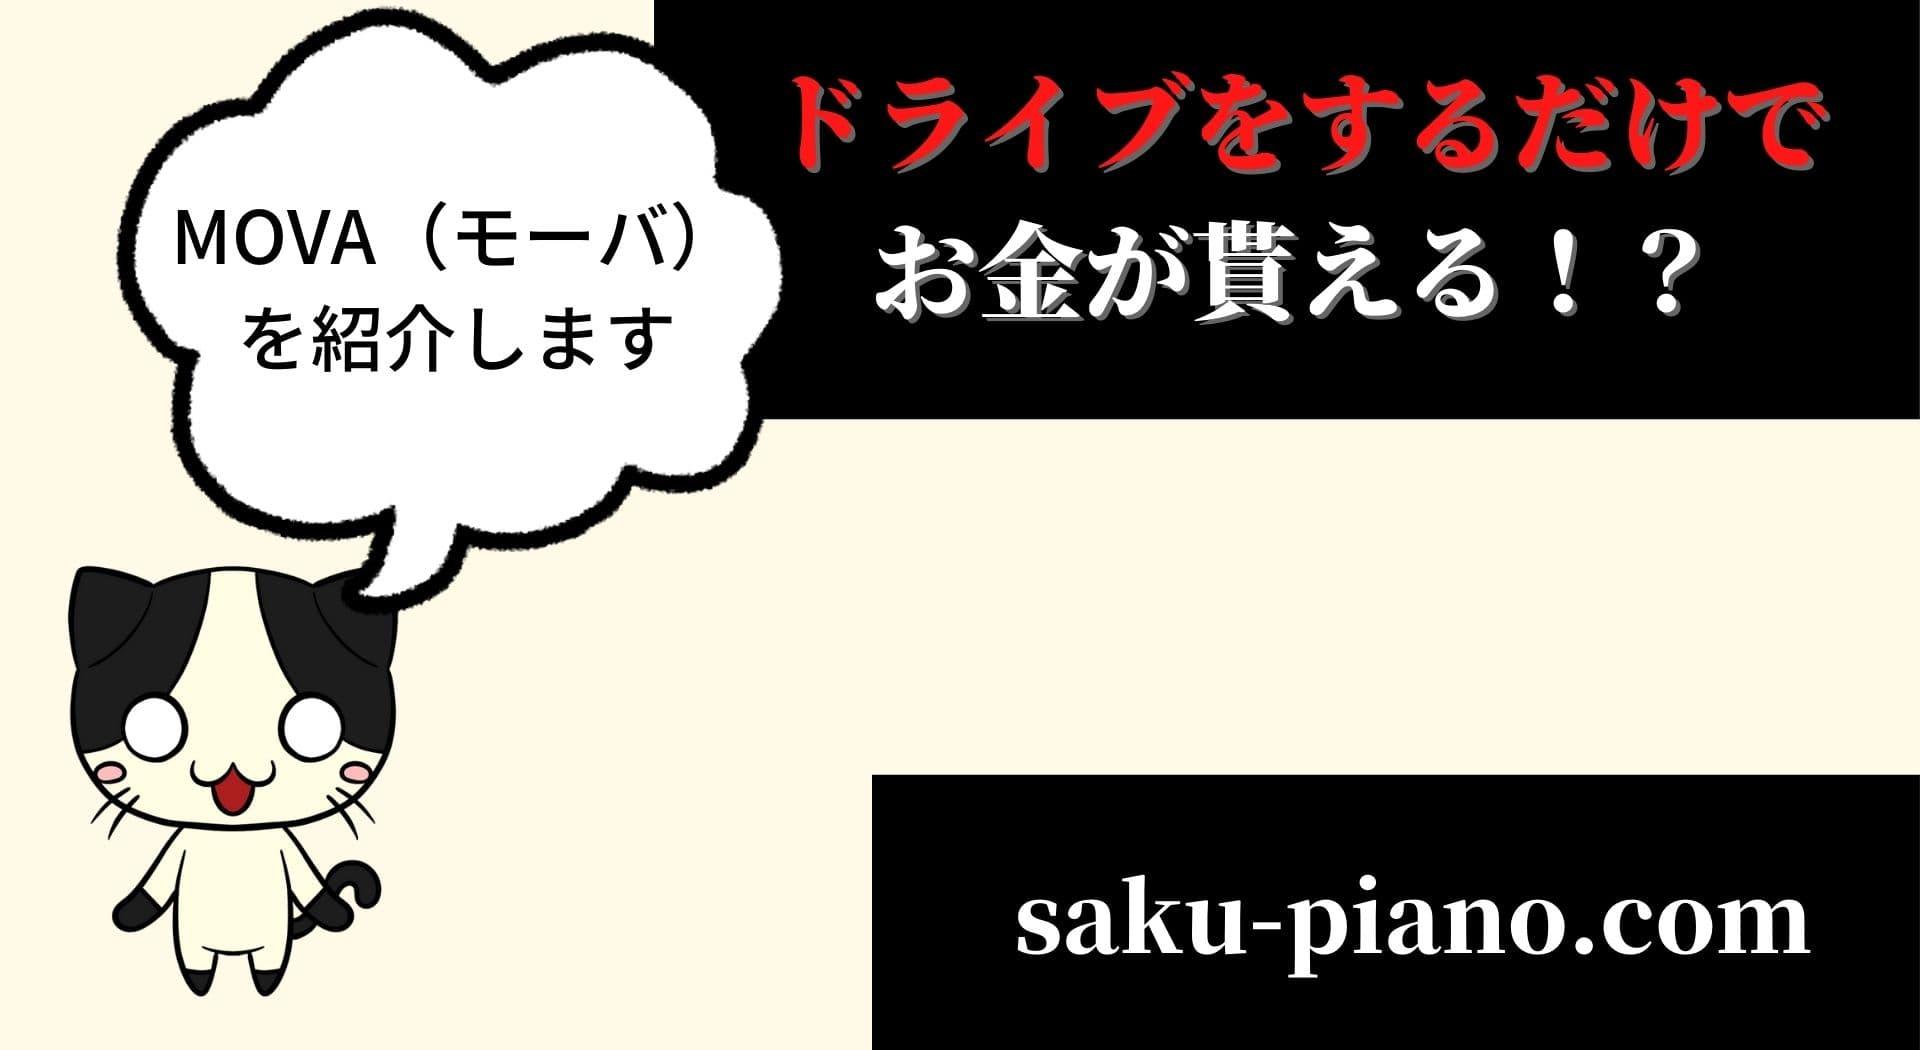 ピアノが上手い人の 特徴まとめ (6)-minのアイキャッチ画像